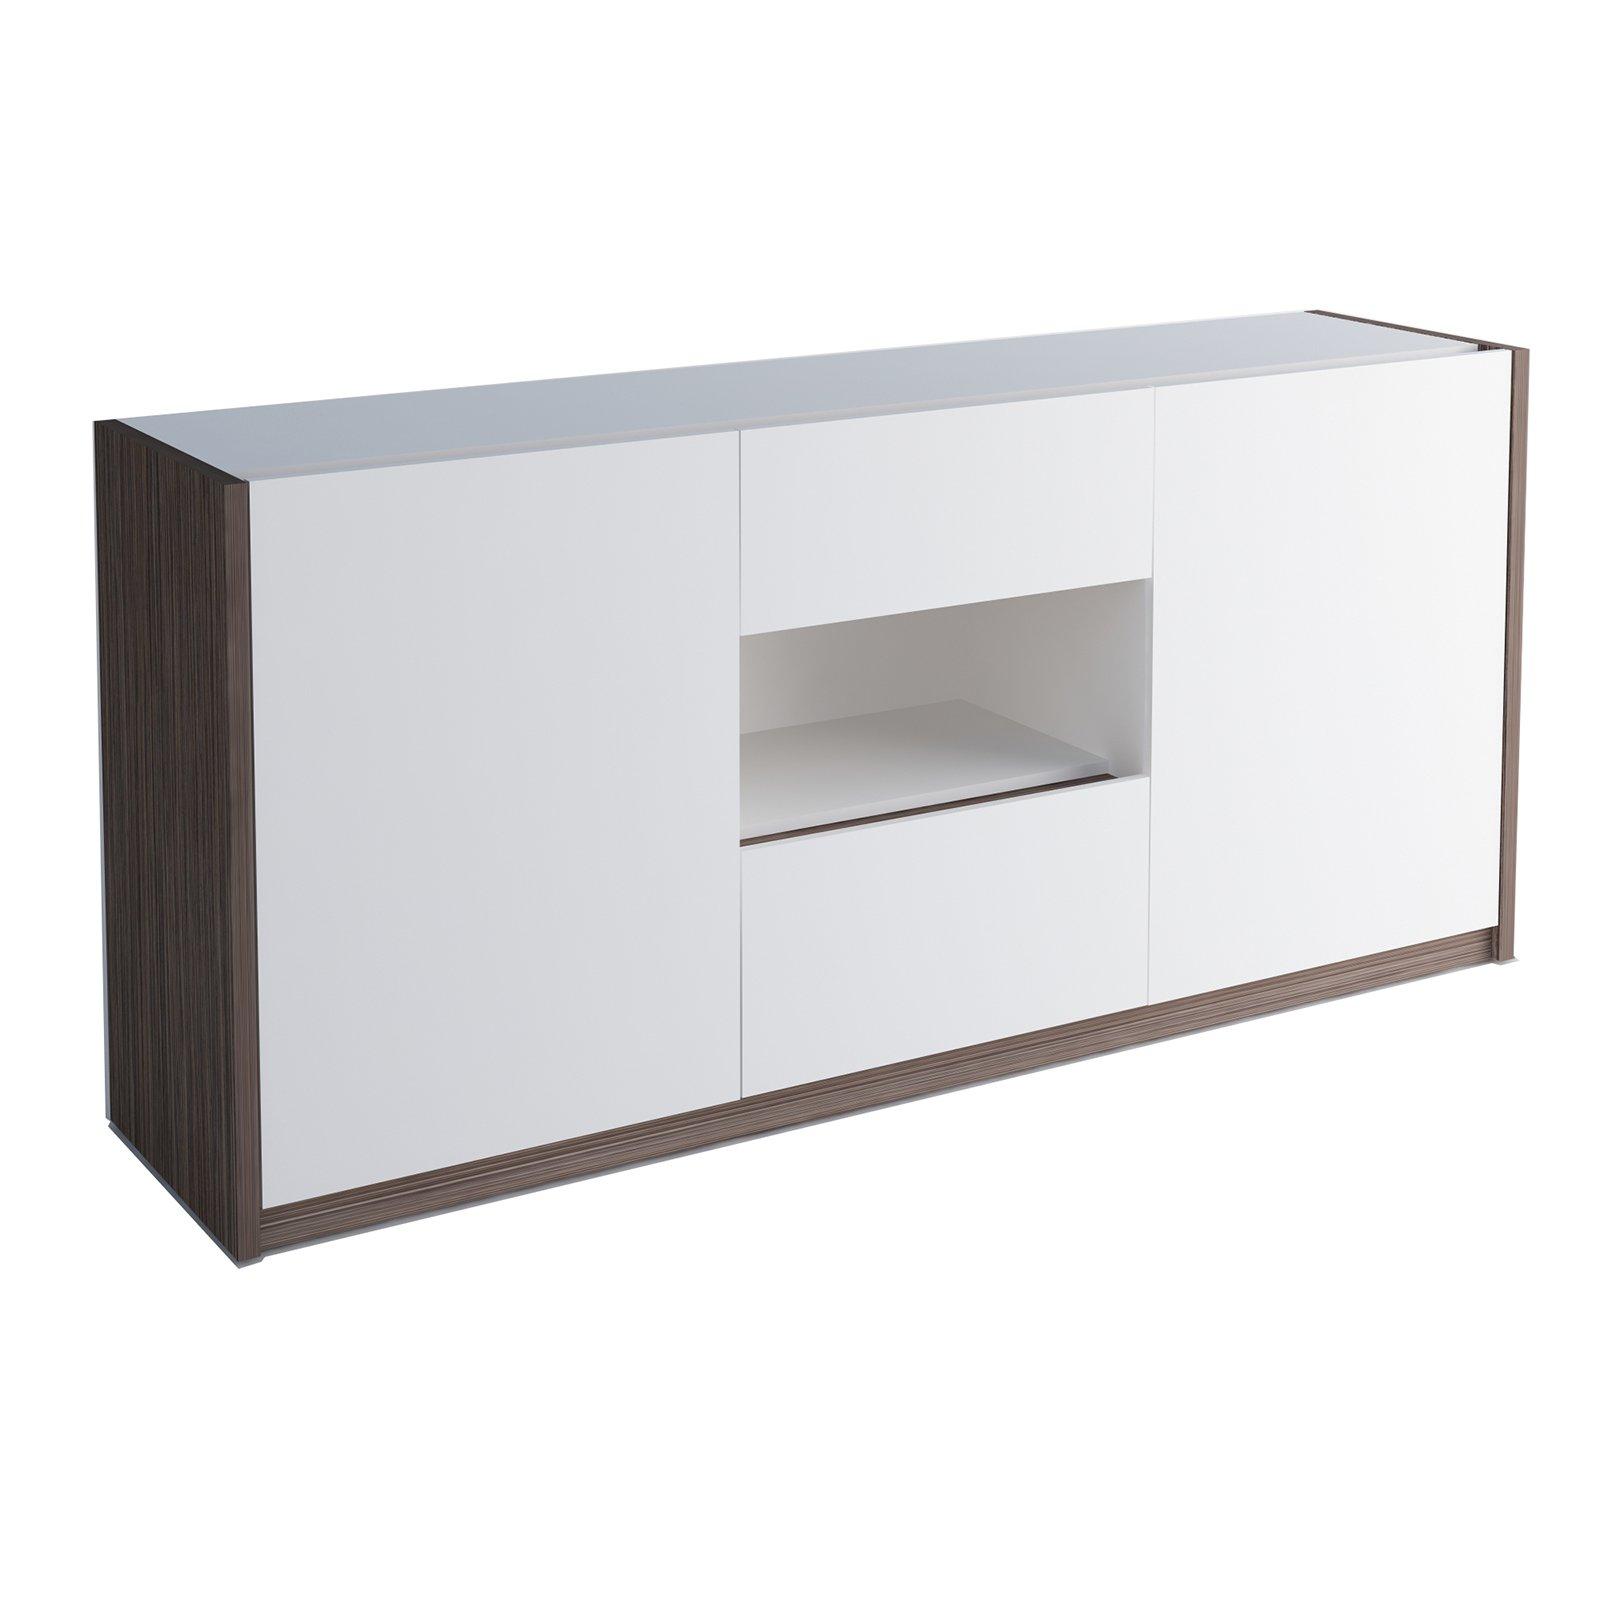 Trasman Otawa Tv Stand Buffet Table Furniture Sideboard